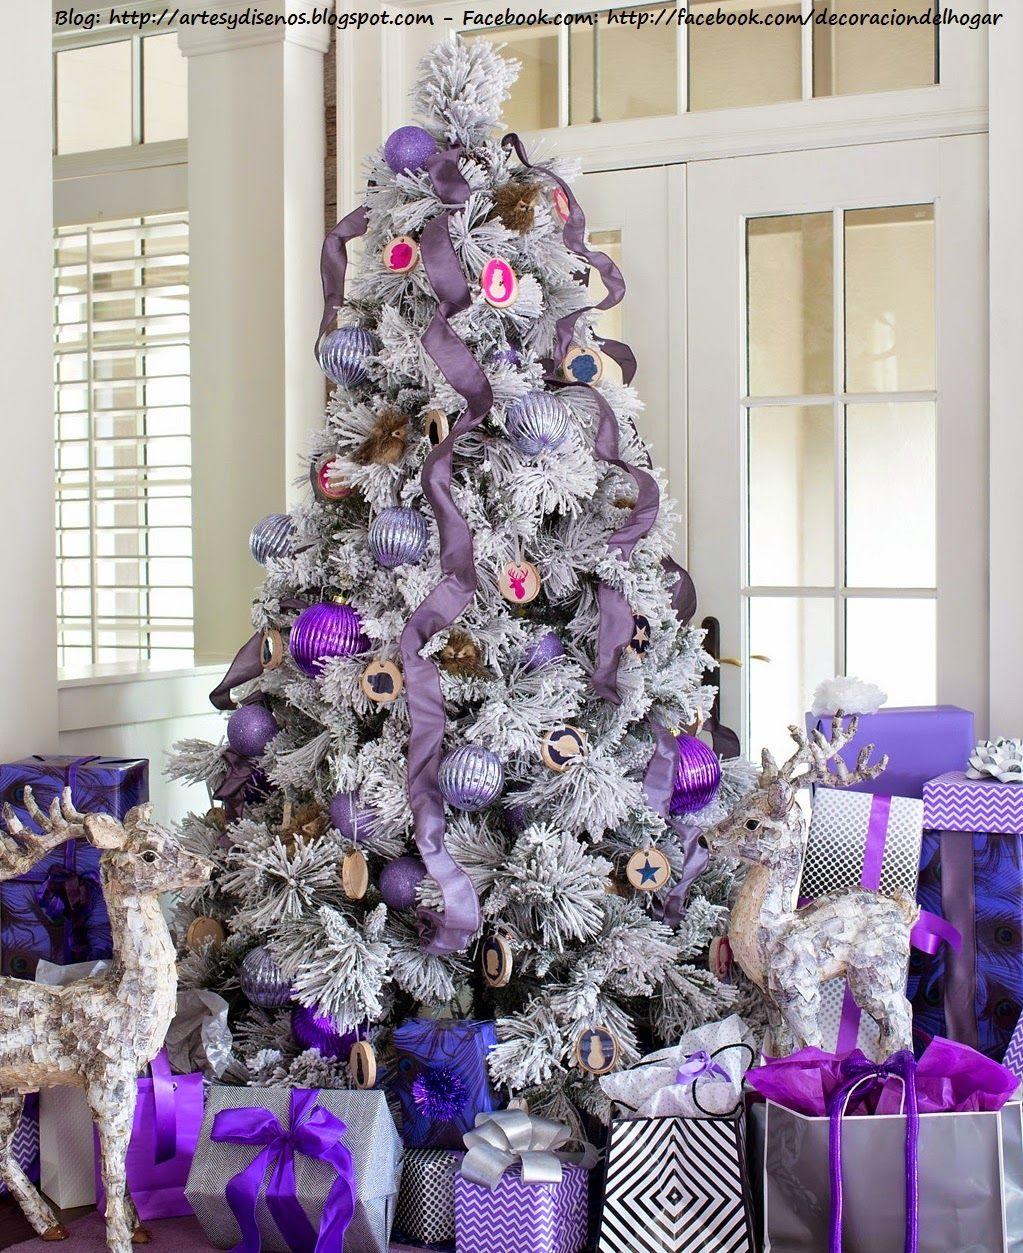 decorar la casa para navidad con tonos lila violeta tradicional